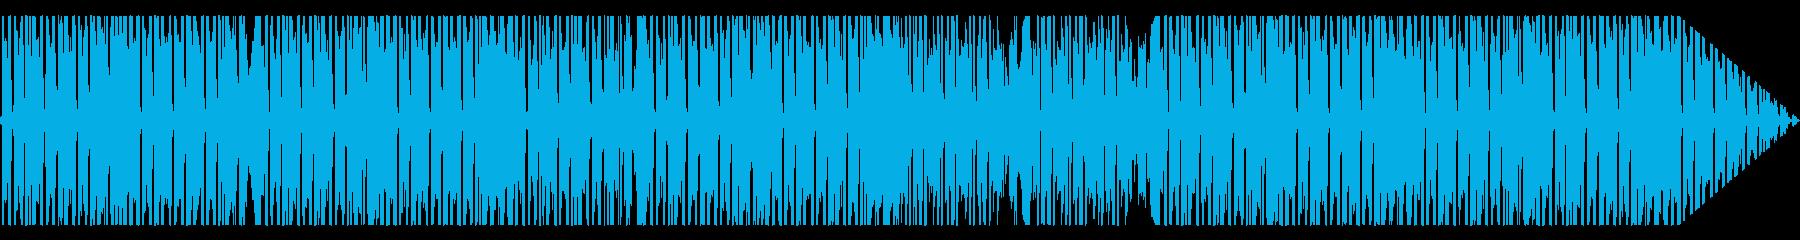 おしゃれで軽快なピアノ系|lofiビートの再生済みの波形